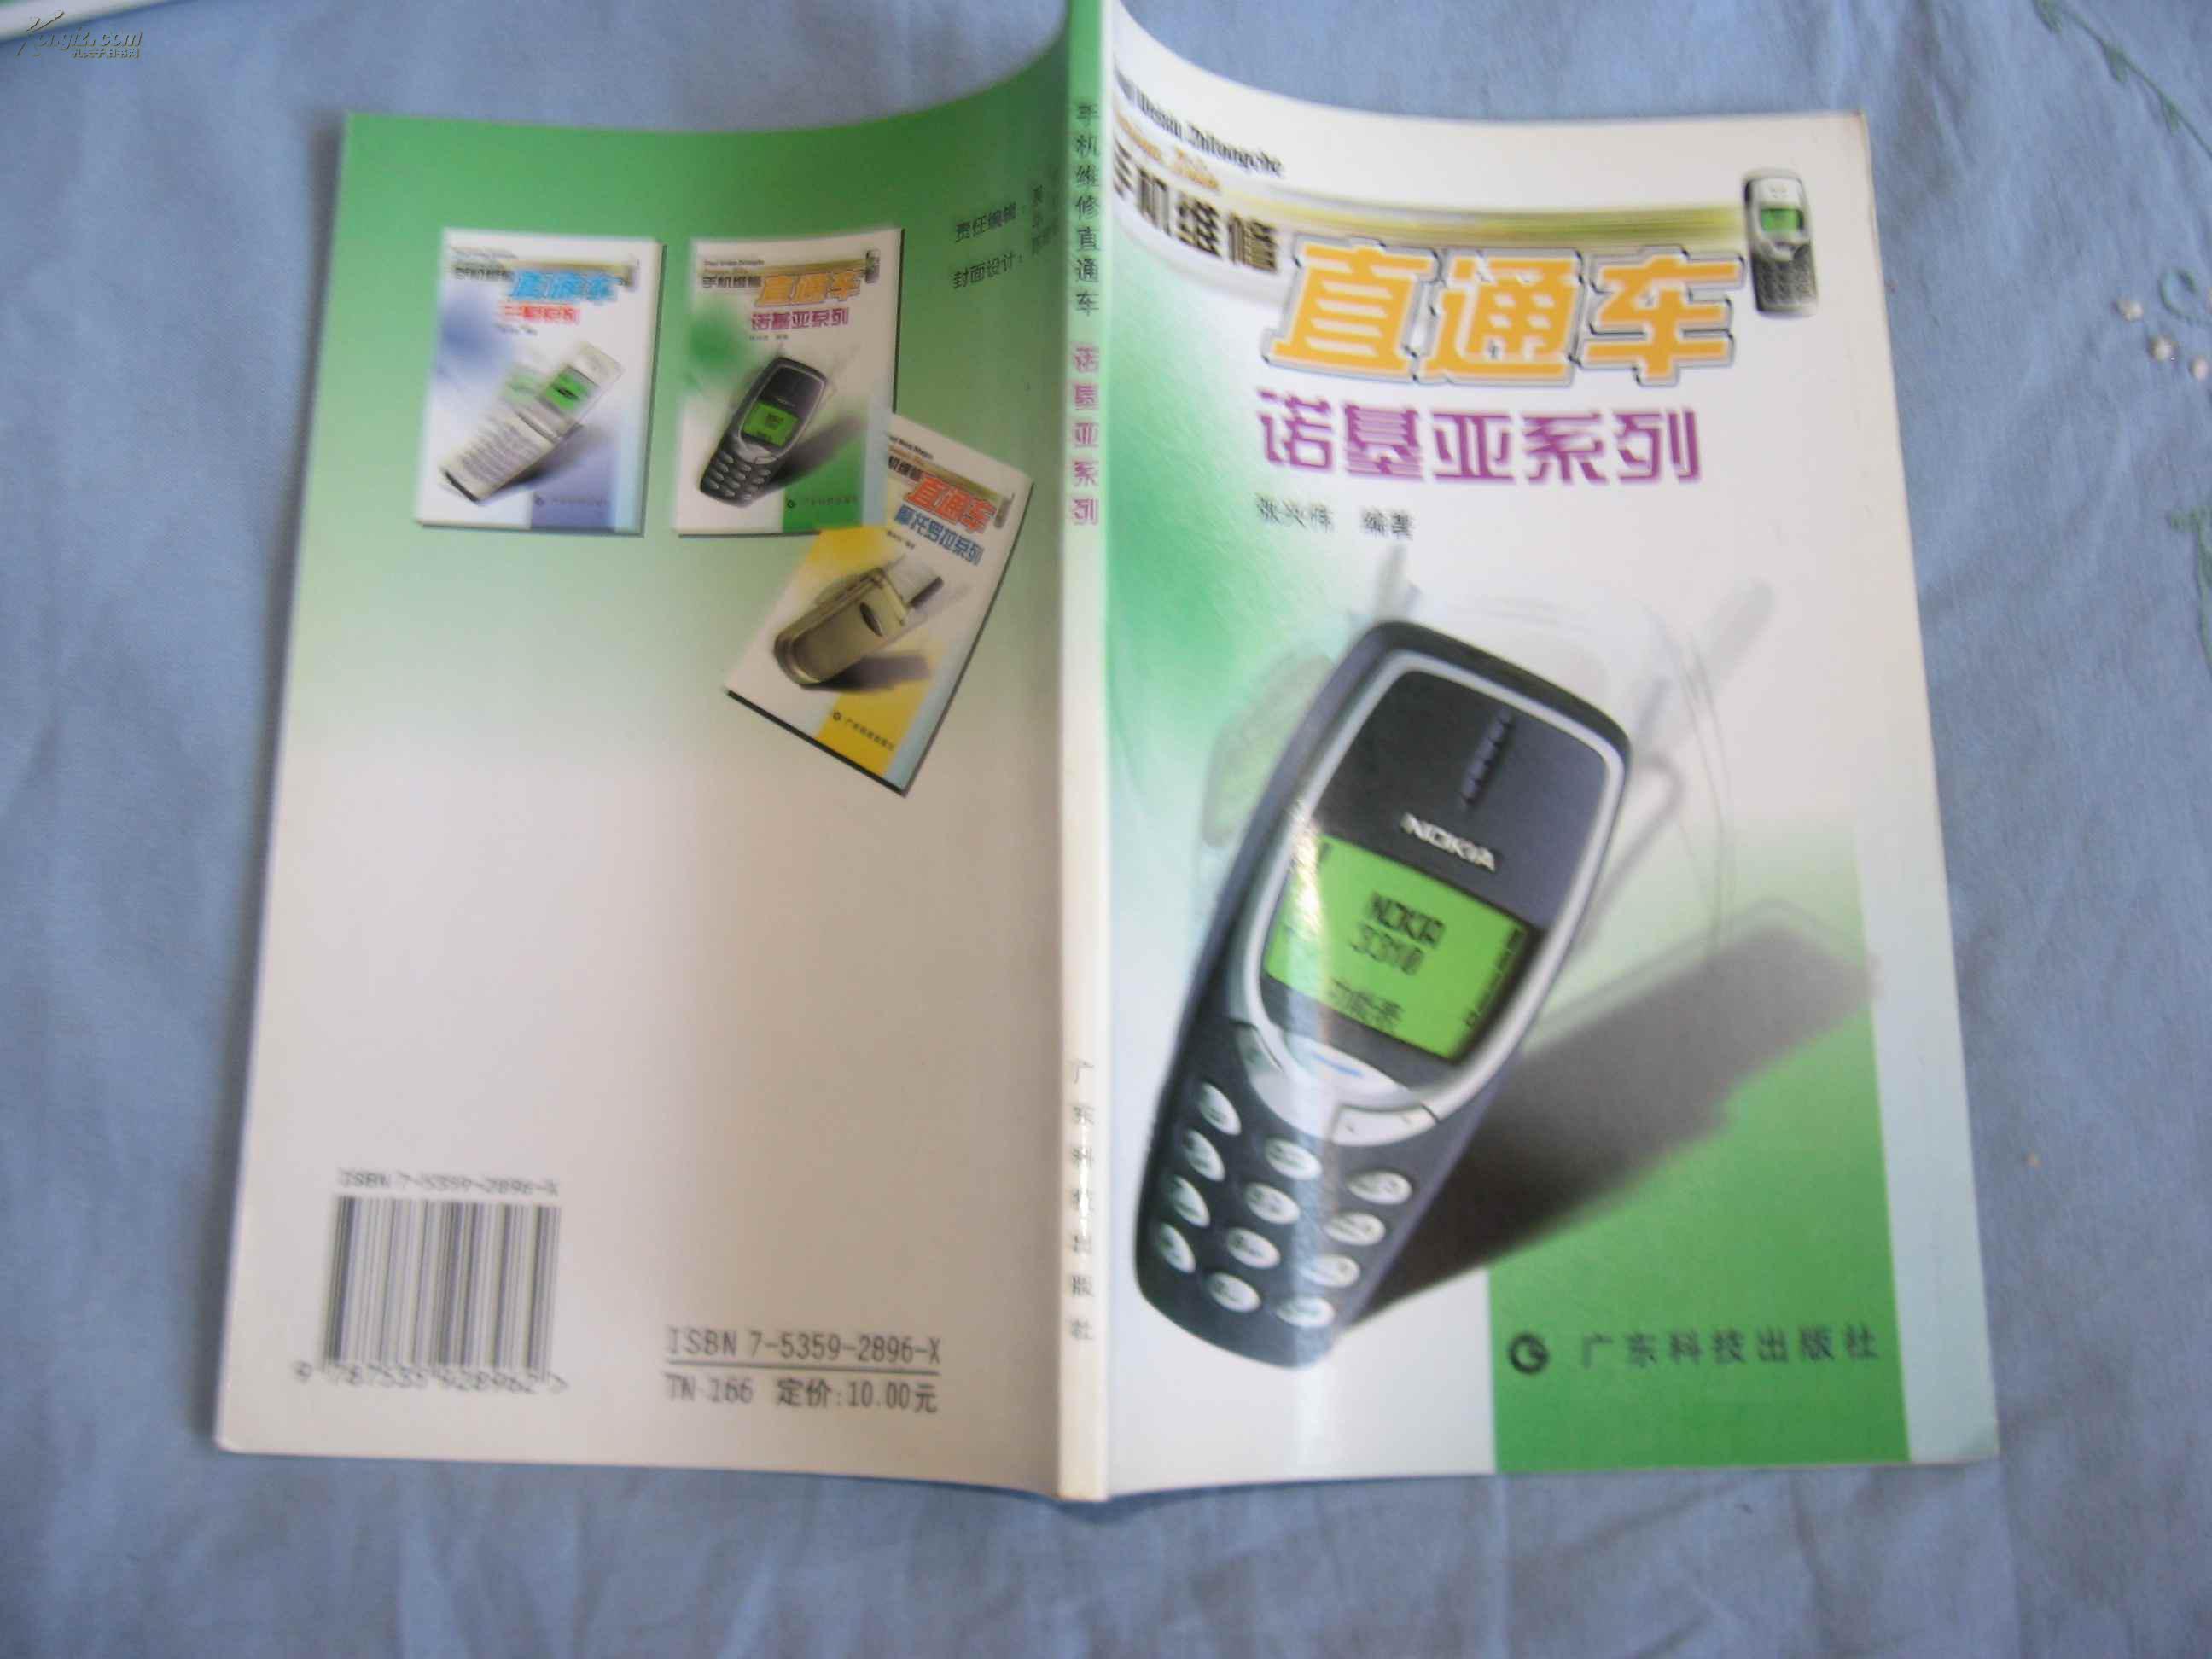 【图】手机维修直通车 诺基亚系列 (1-5-4)_价格